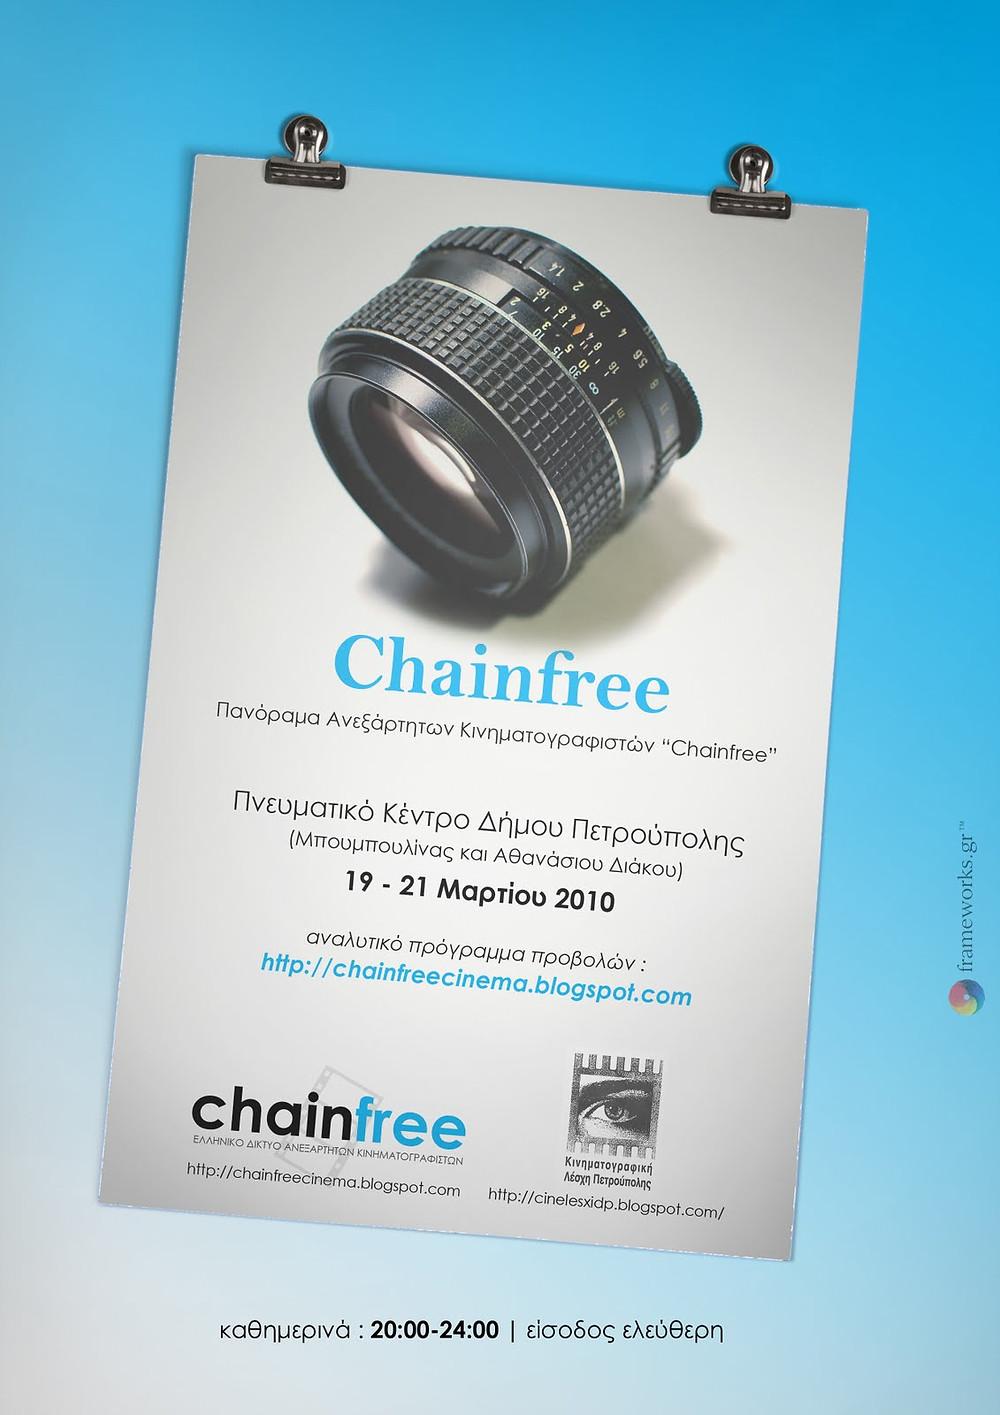 chainfree_panorama.jpg